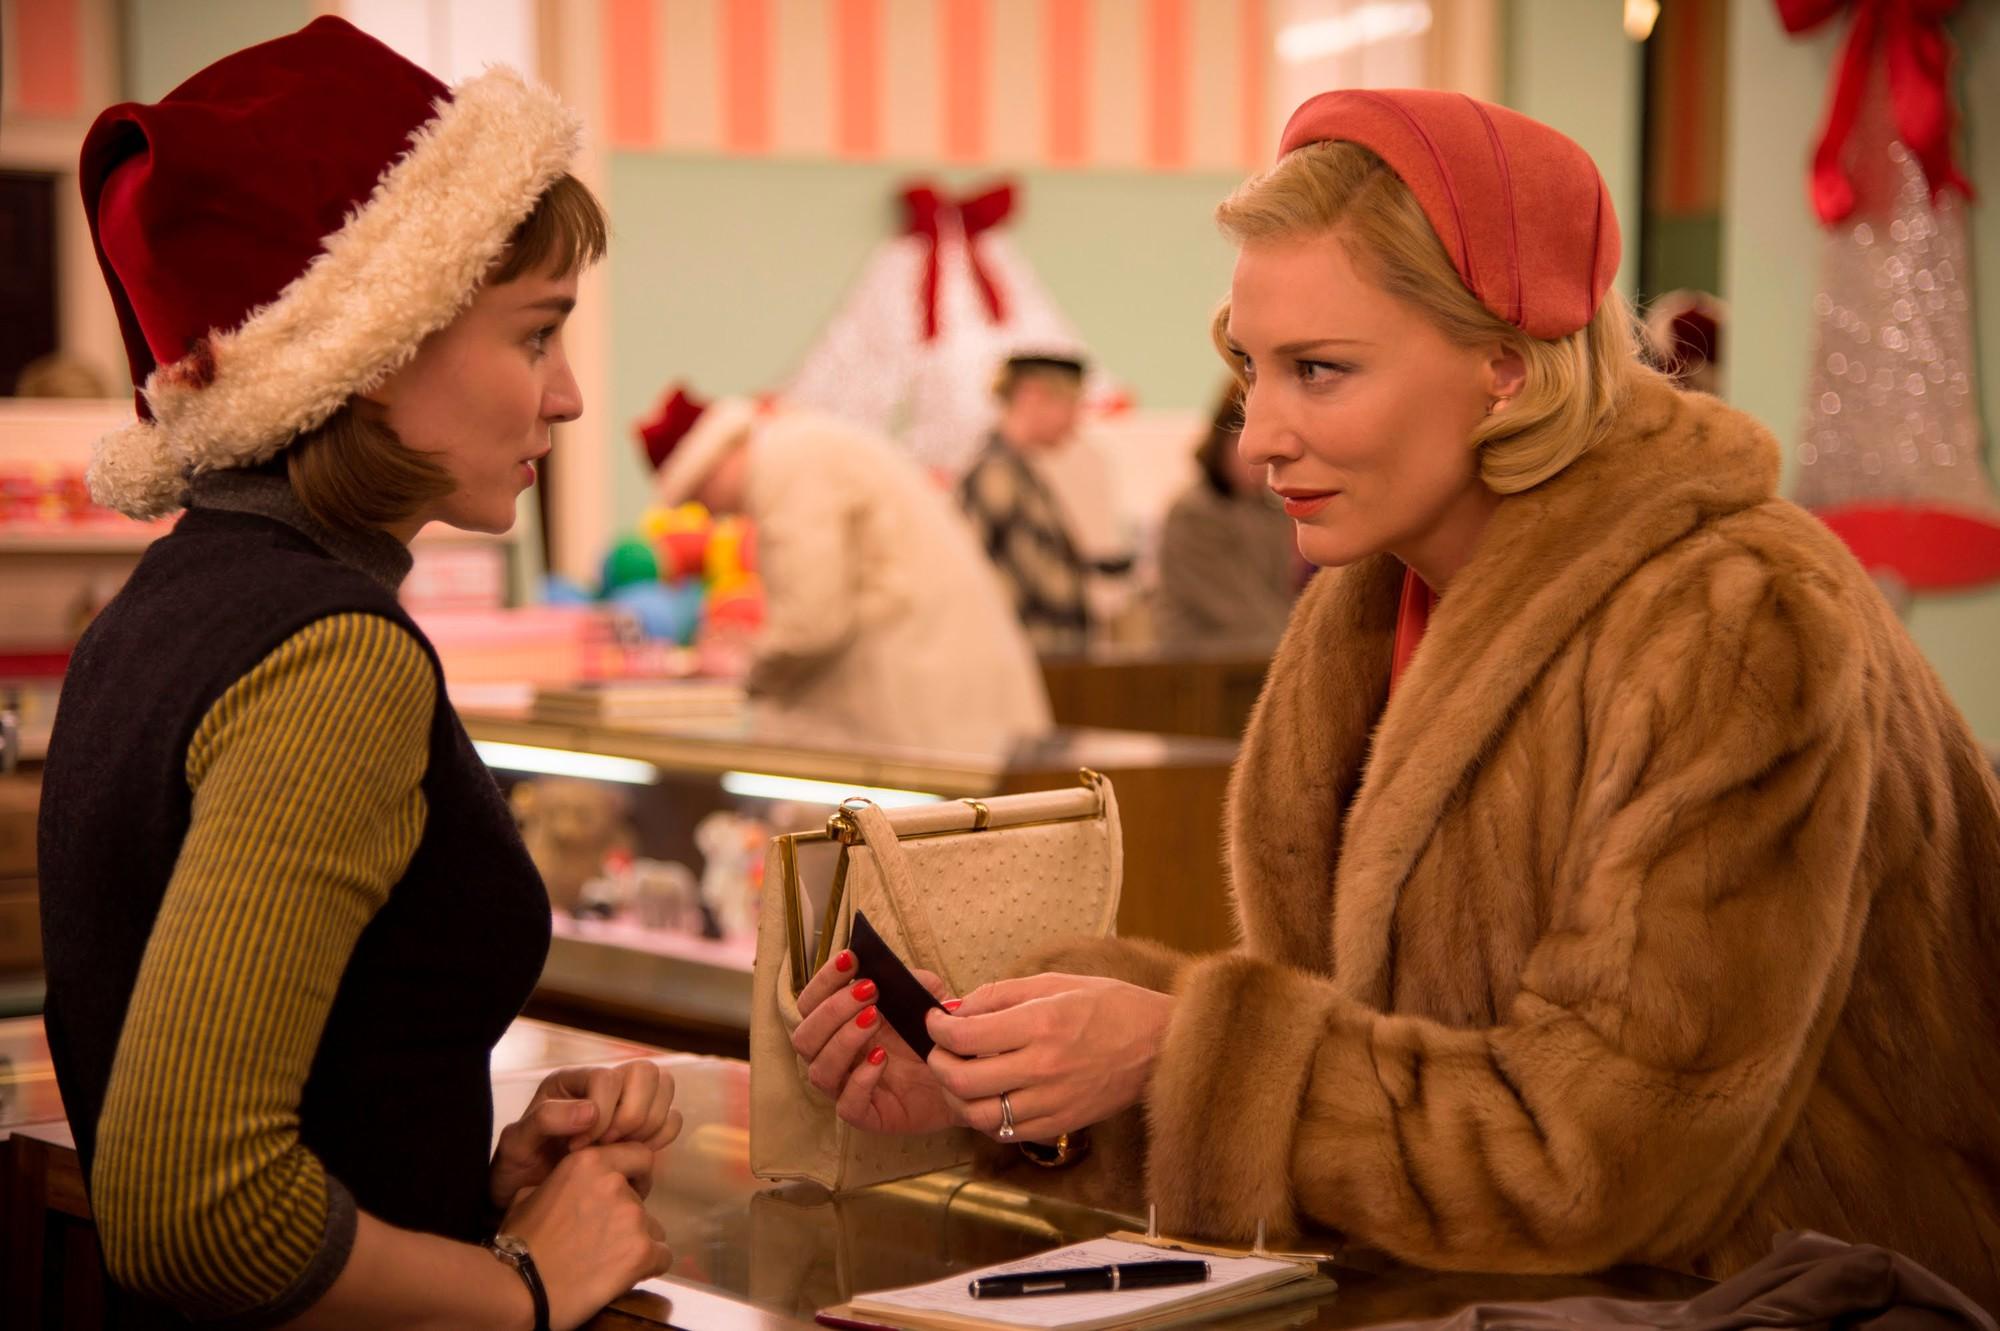 14 phim tình yêu nhất định phải xem ngay tháng LGBT này bạn ơi! (Phần cuối) - Ảnh 8.